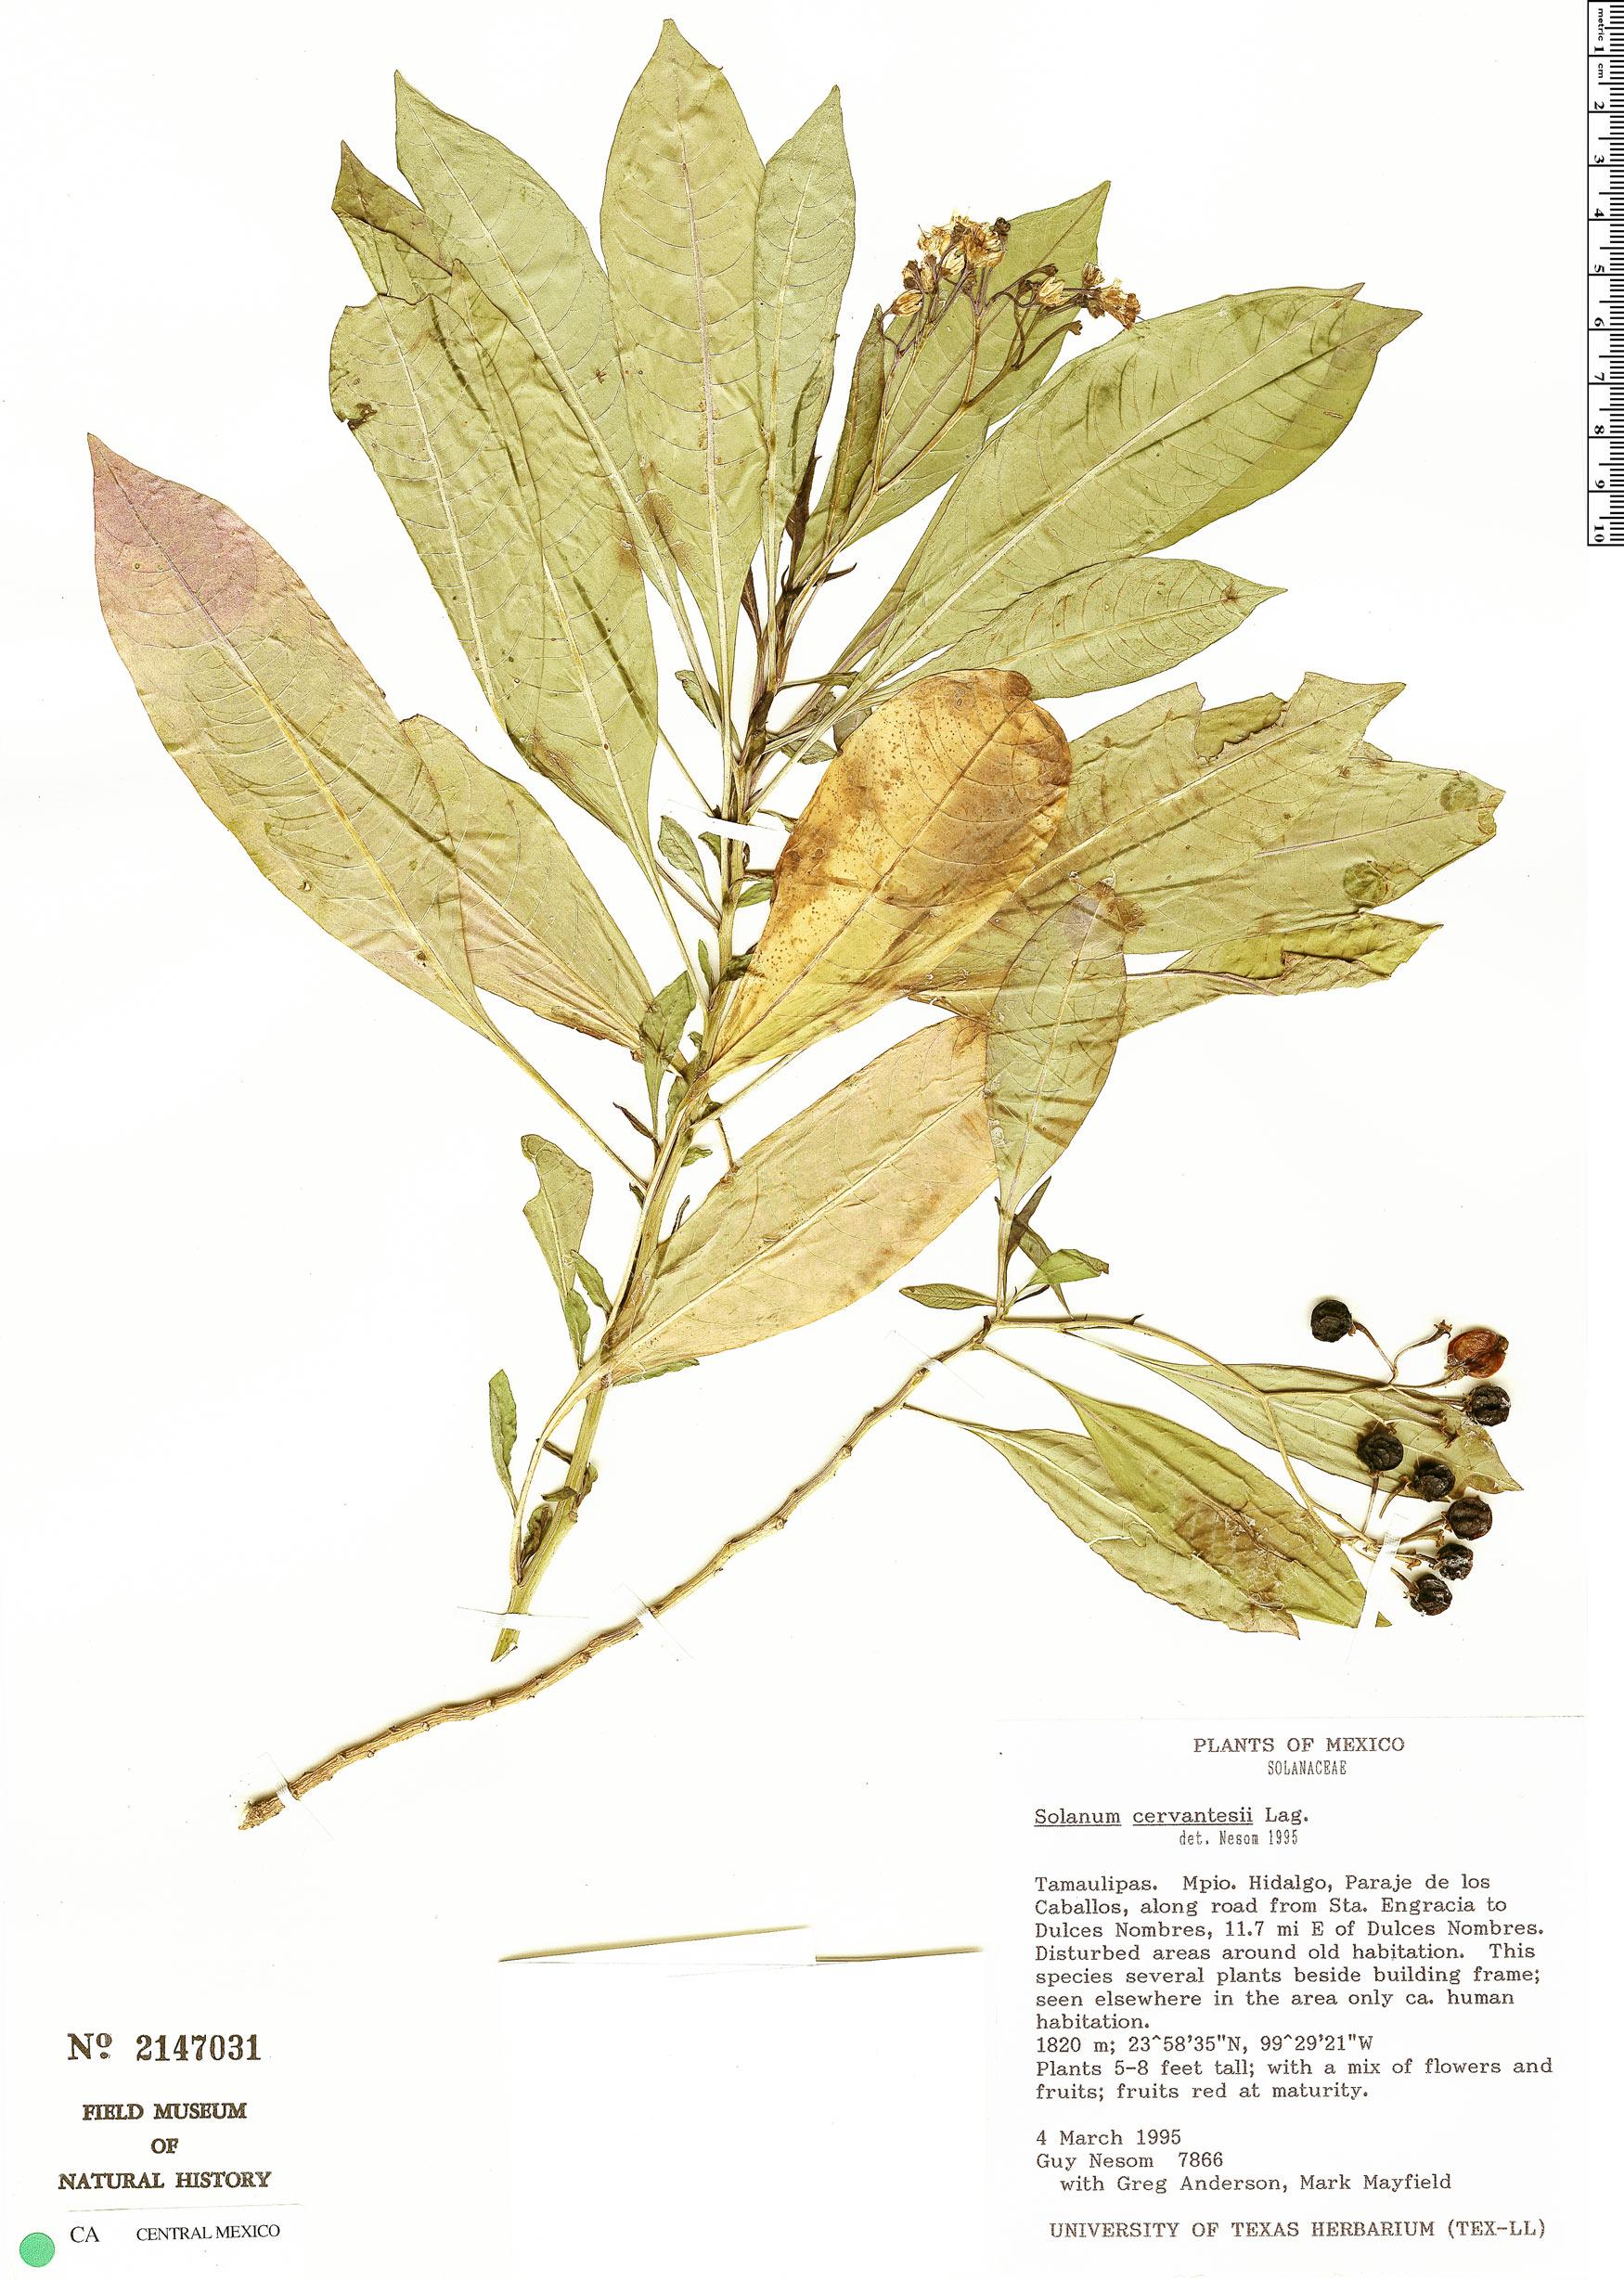 Solanum aligerum image